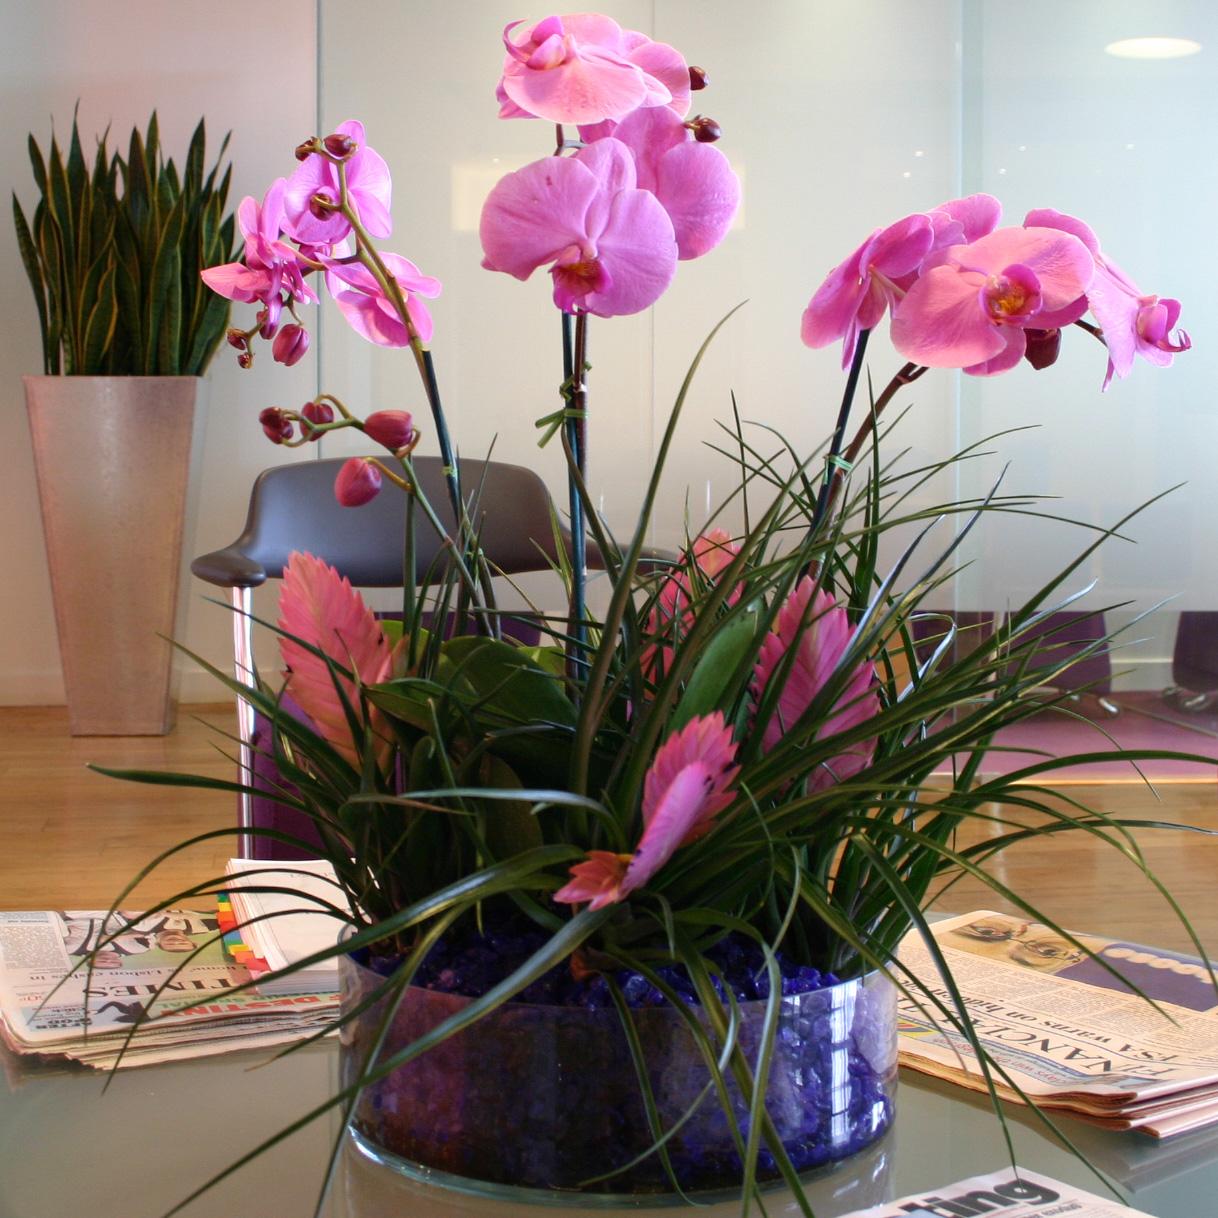 Indoor flowering plants the easiest flowers to grow for Small indoor flowering plants